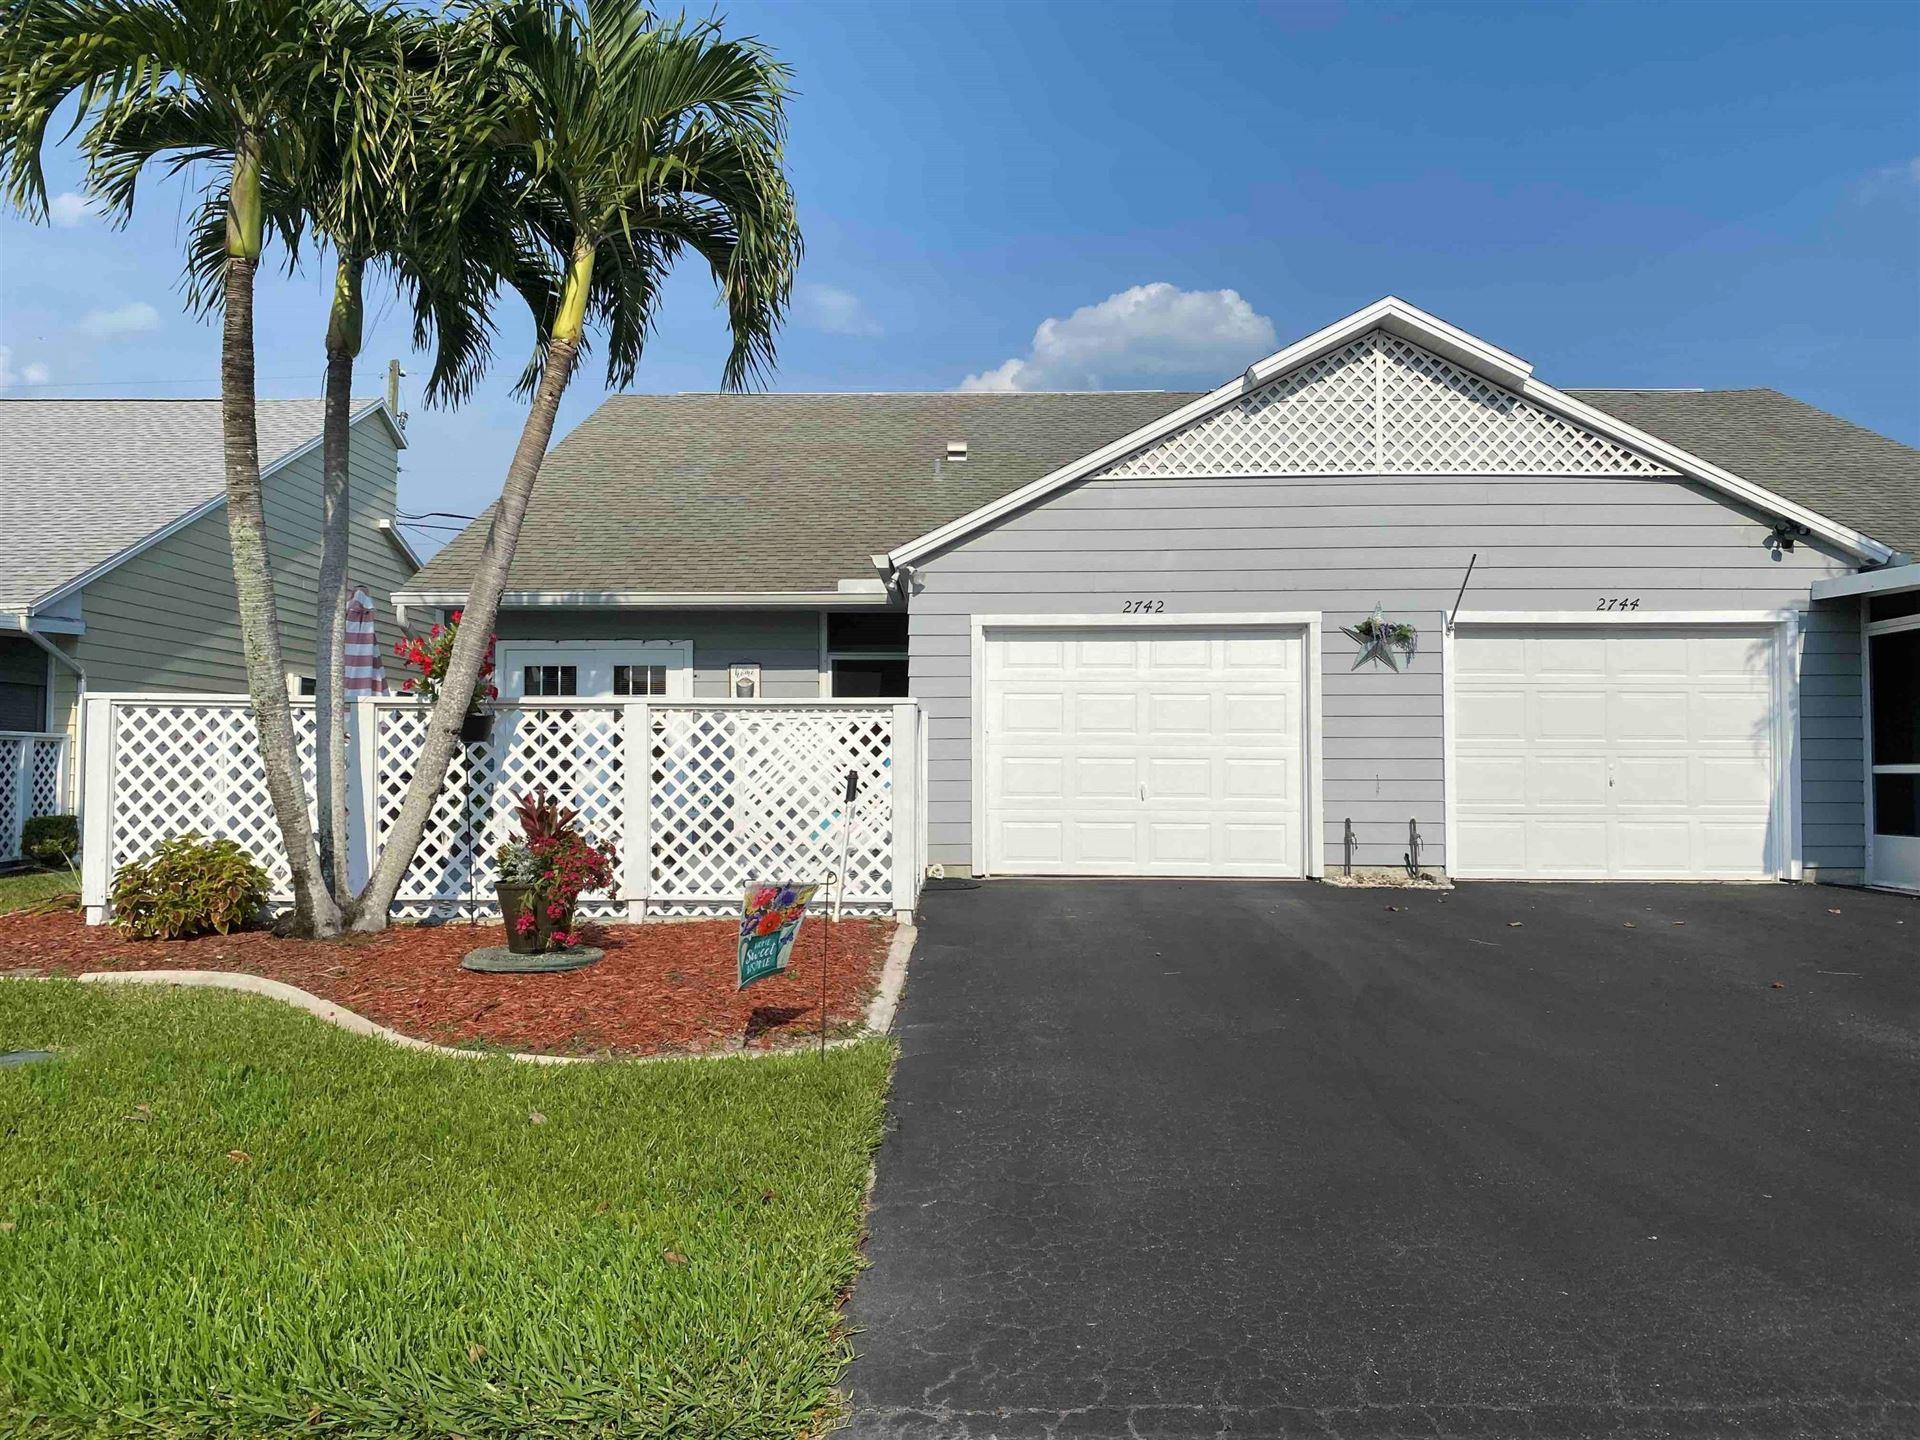 2742 SE Tropical East Circle, Port Saint Lucie, FL 34952 - #: RX-10709286